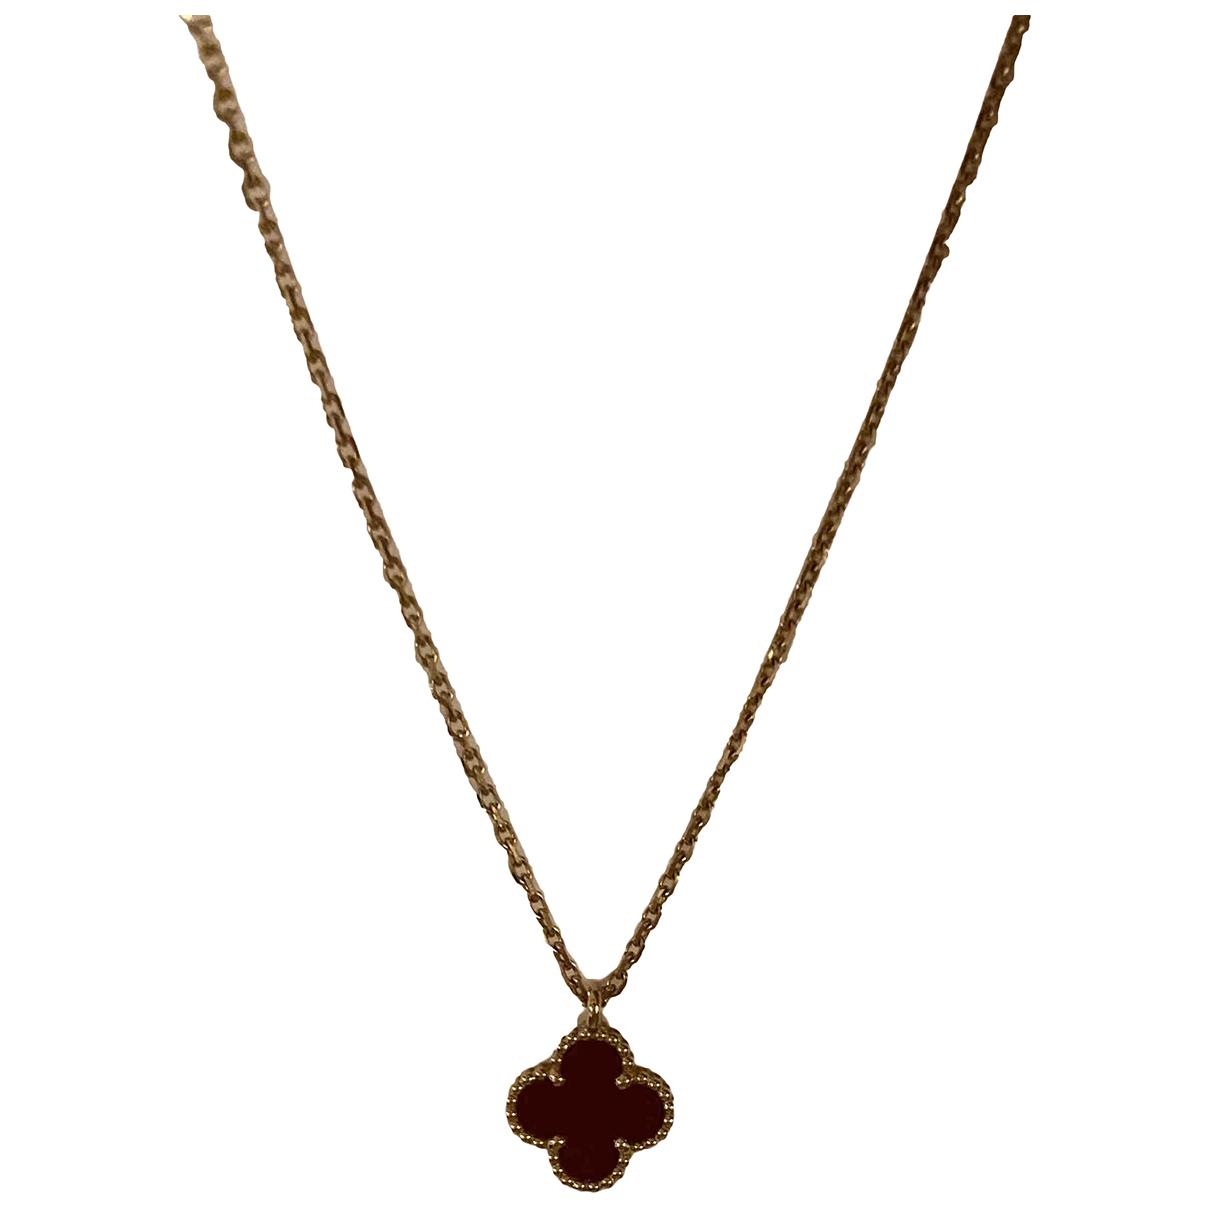 Van Cleef & Arpels - Collier Sweet Alhambra pour femme en or jaune - bordeaux